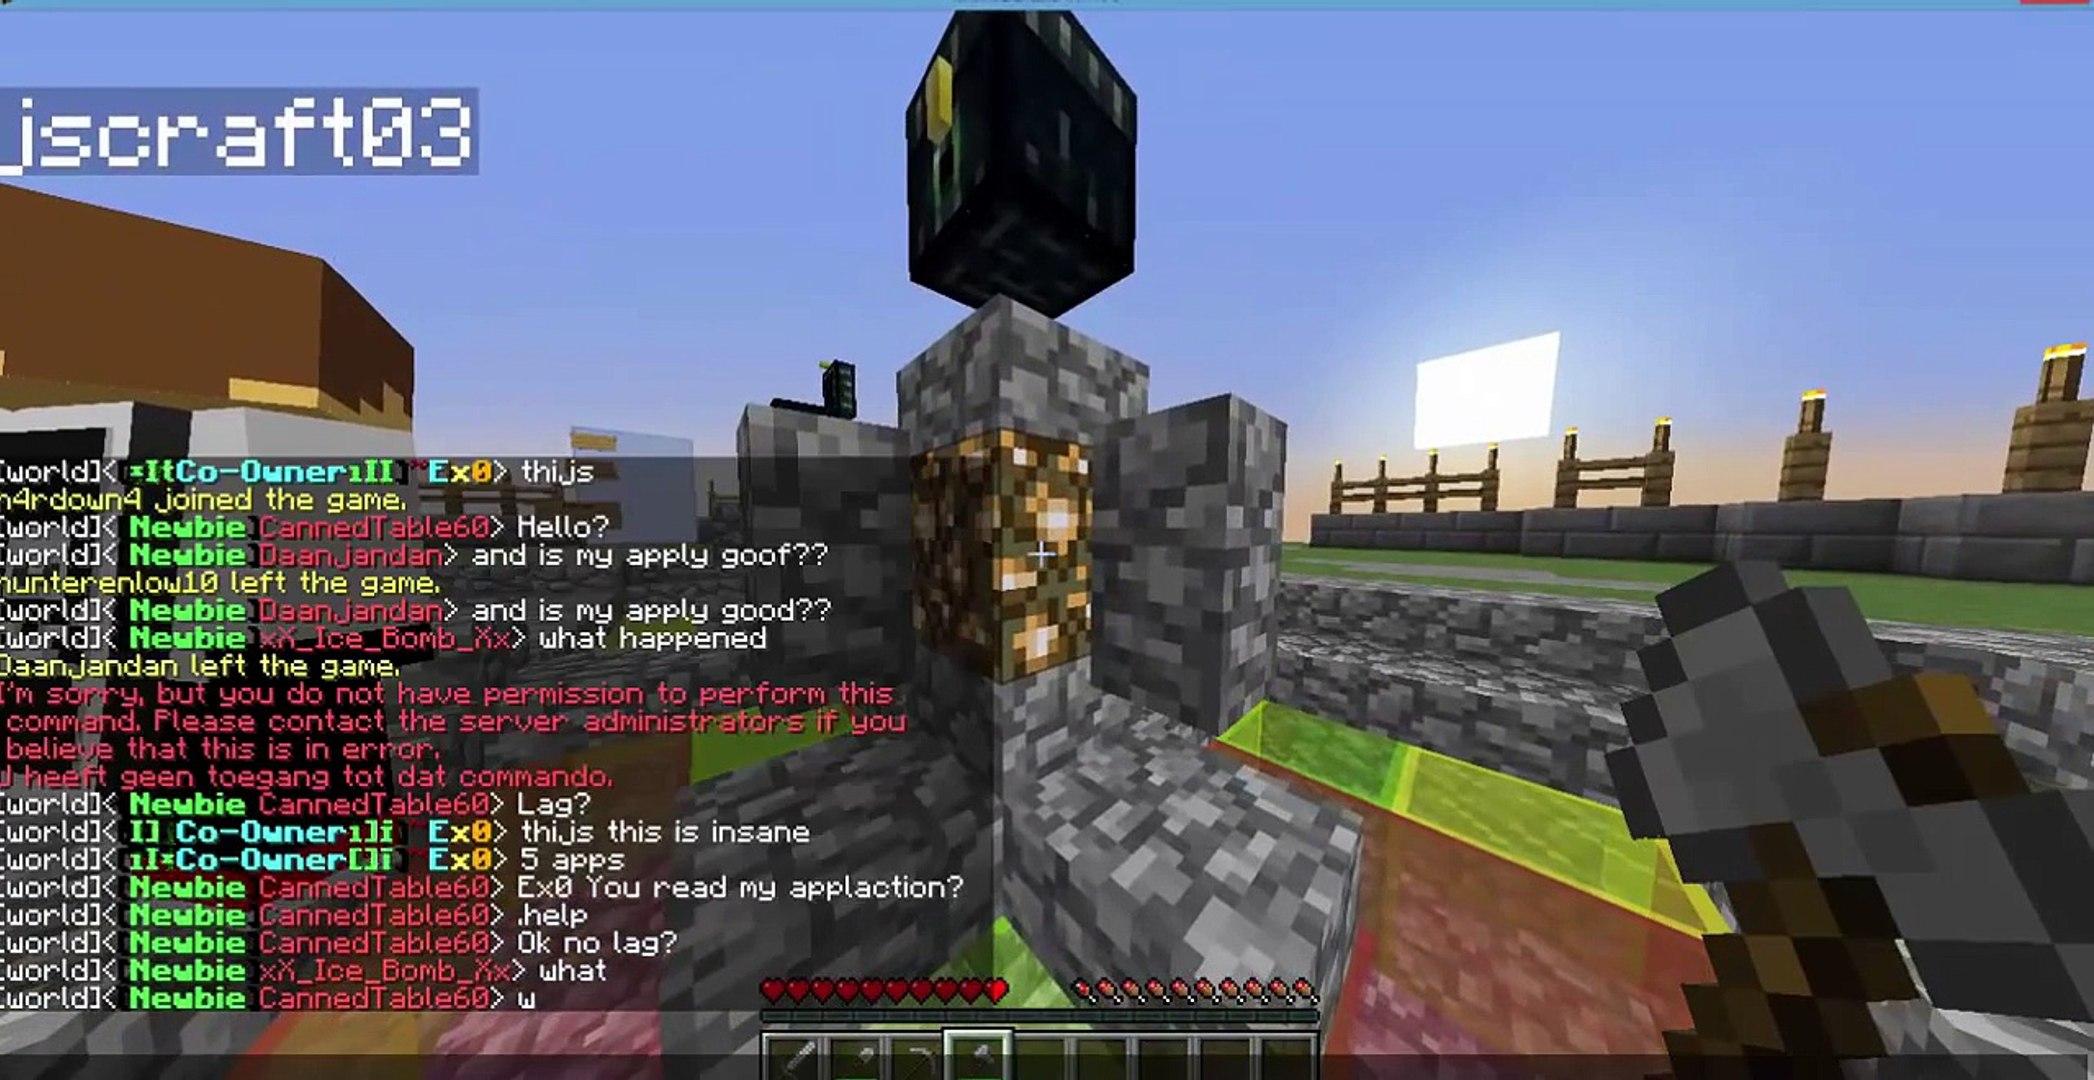 How to ddos a minecraft server